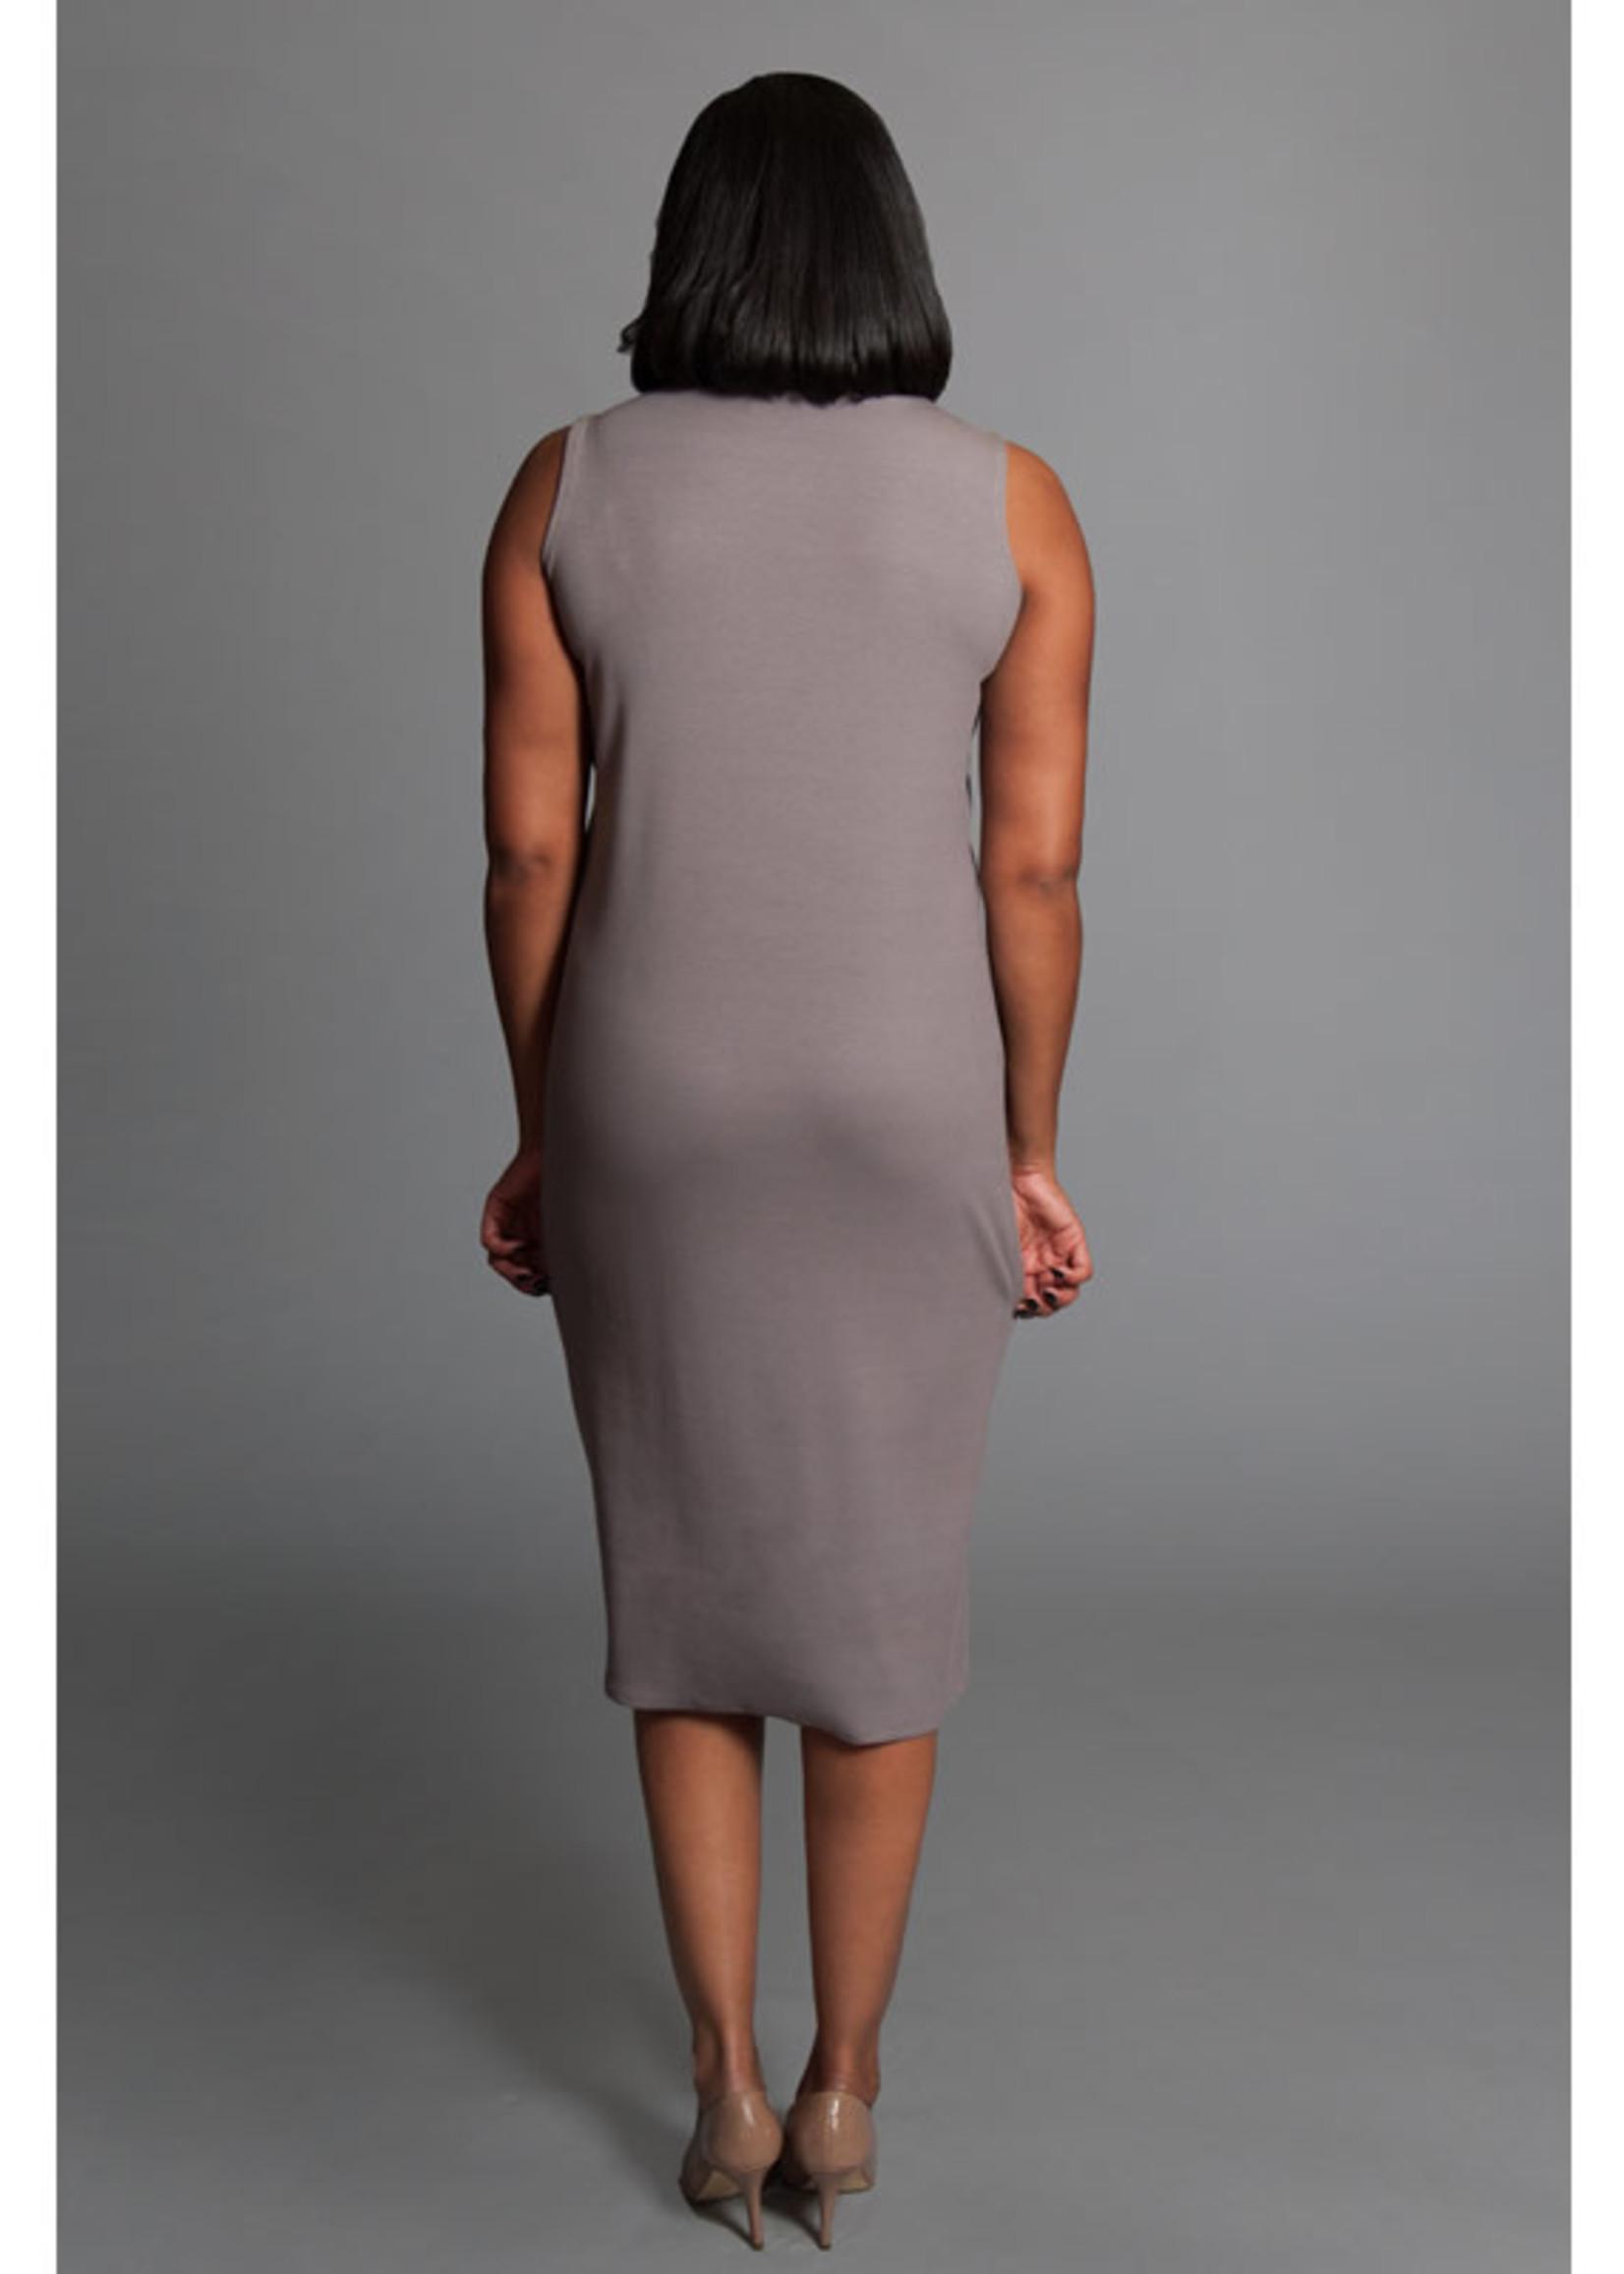 SARAH KUENYEFU TANK DRESS- SLEEVELESS/RIBBED BAMBOO